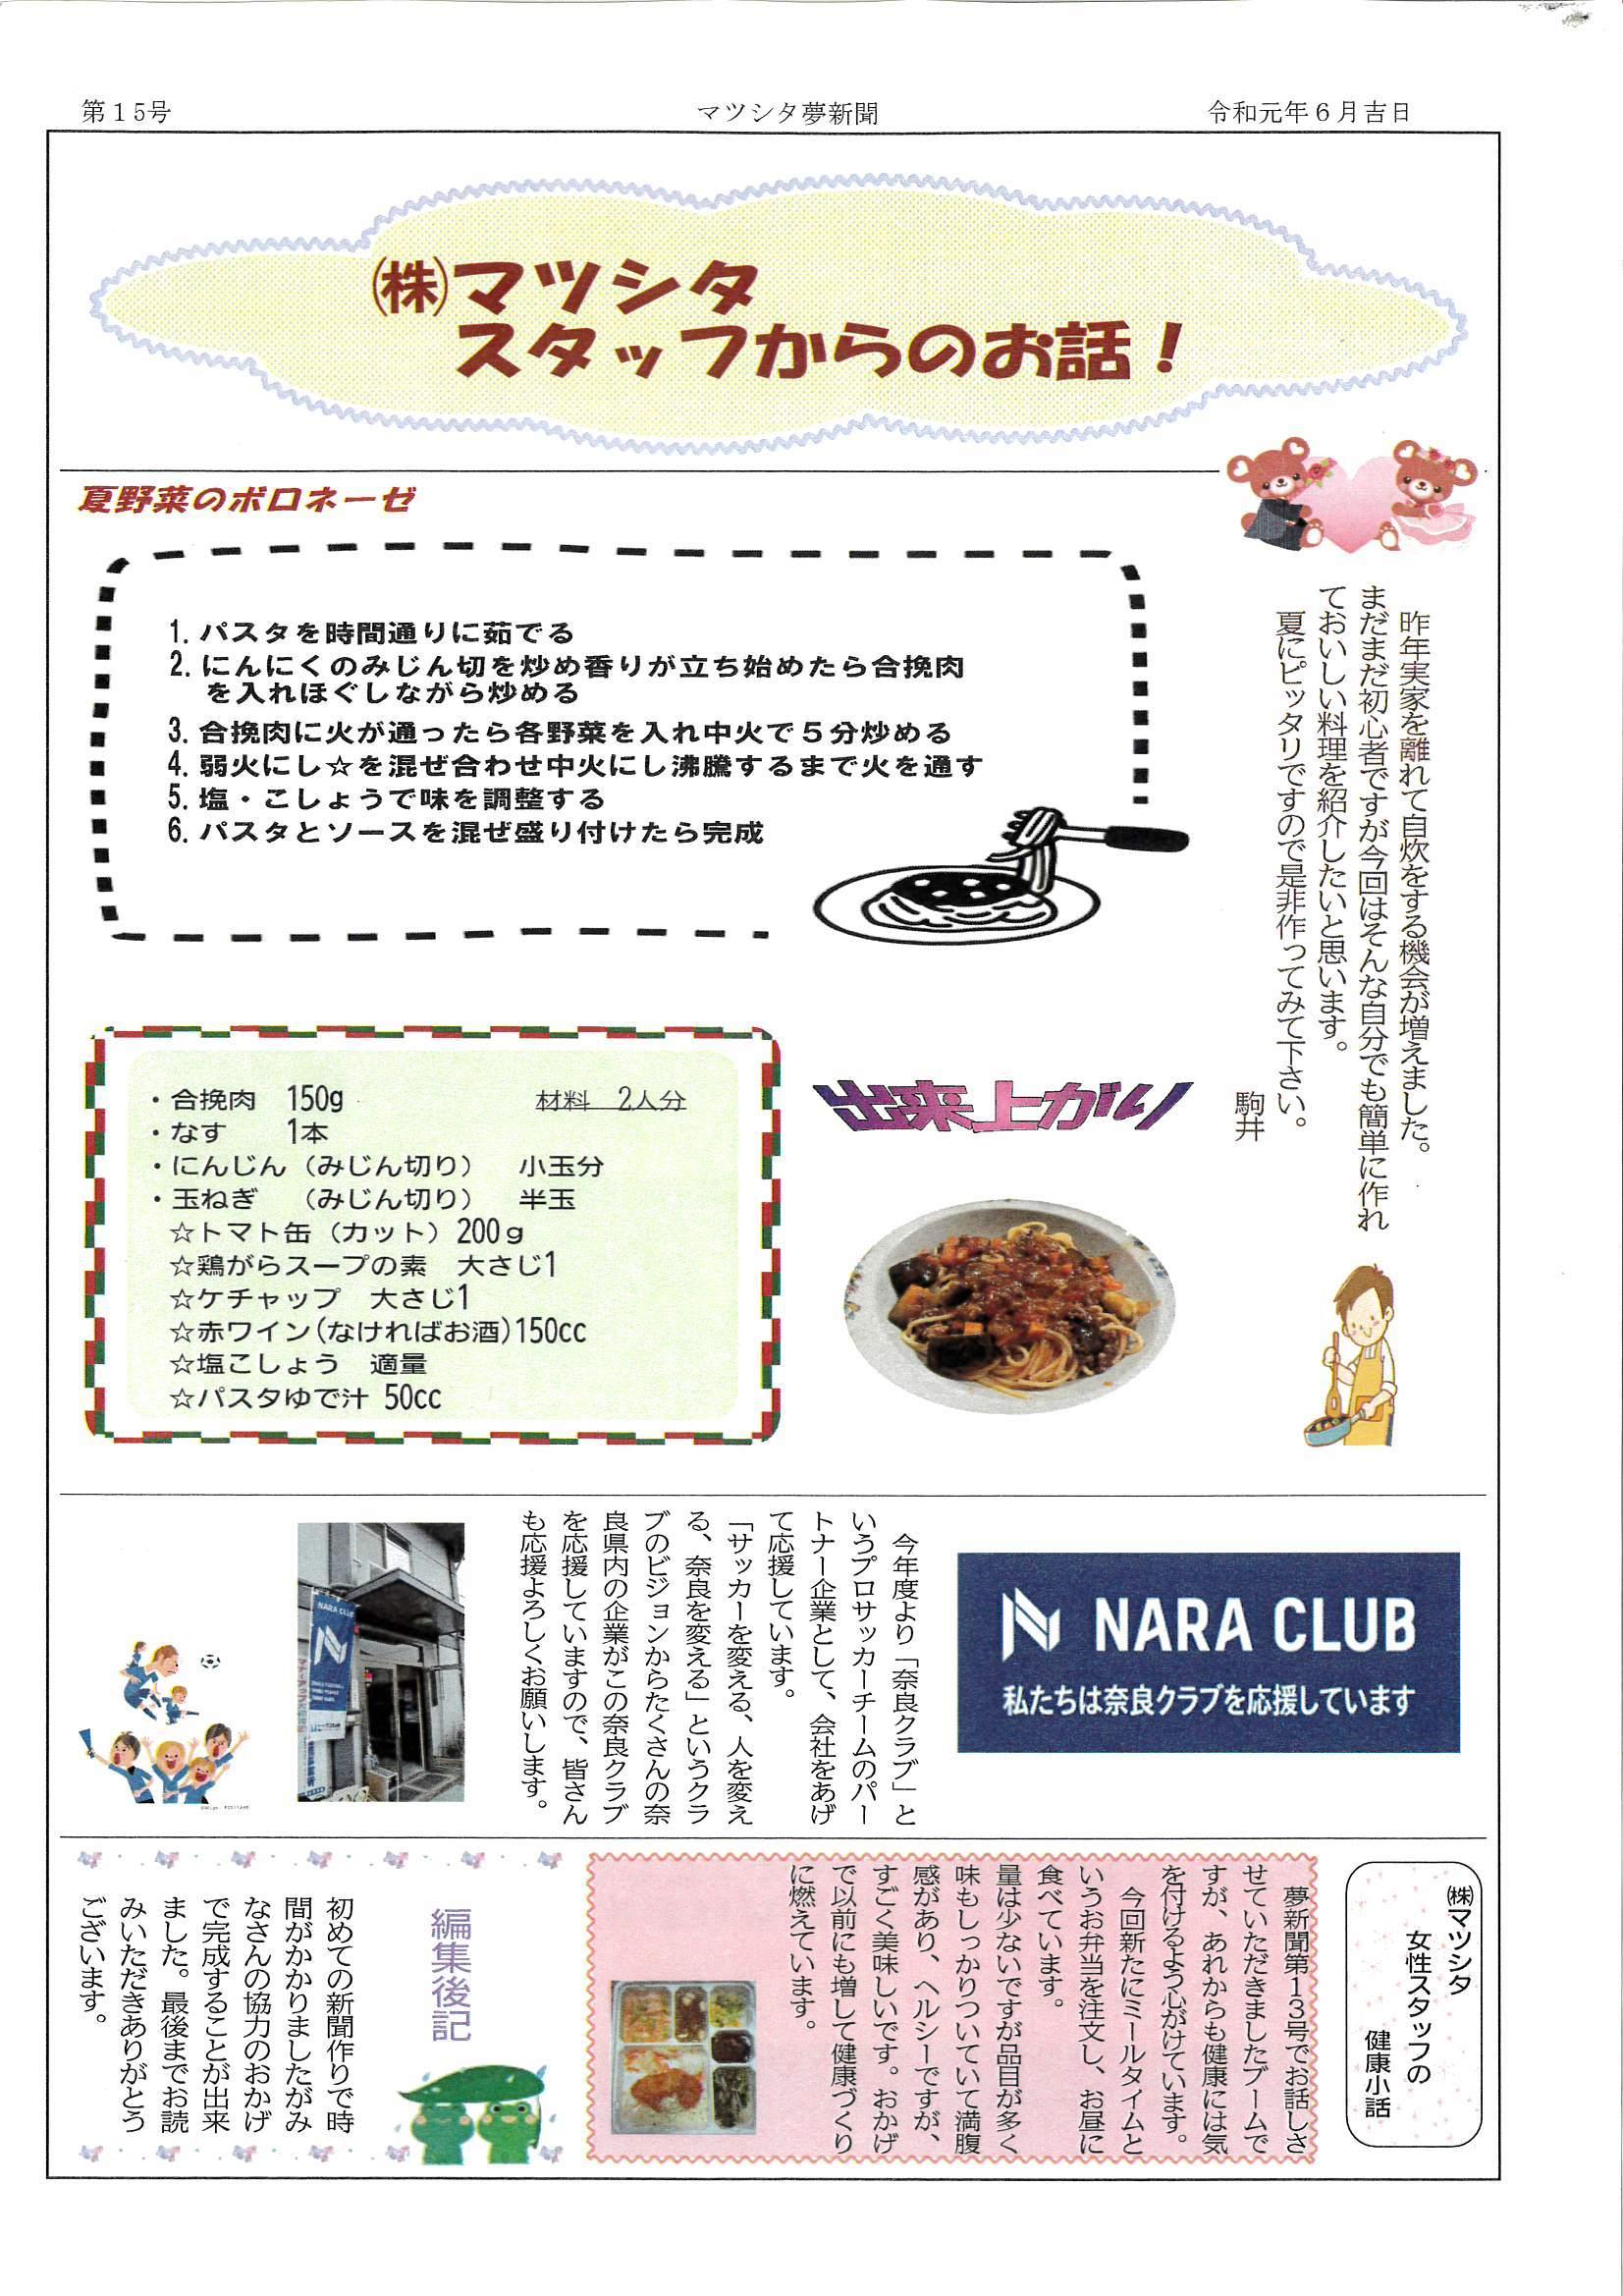 マツシタ夢新聞 15号_d0323579_17323302.jpg